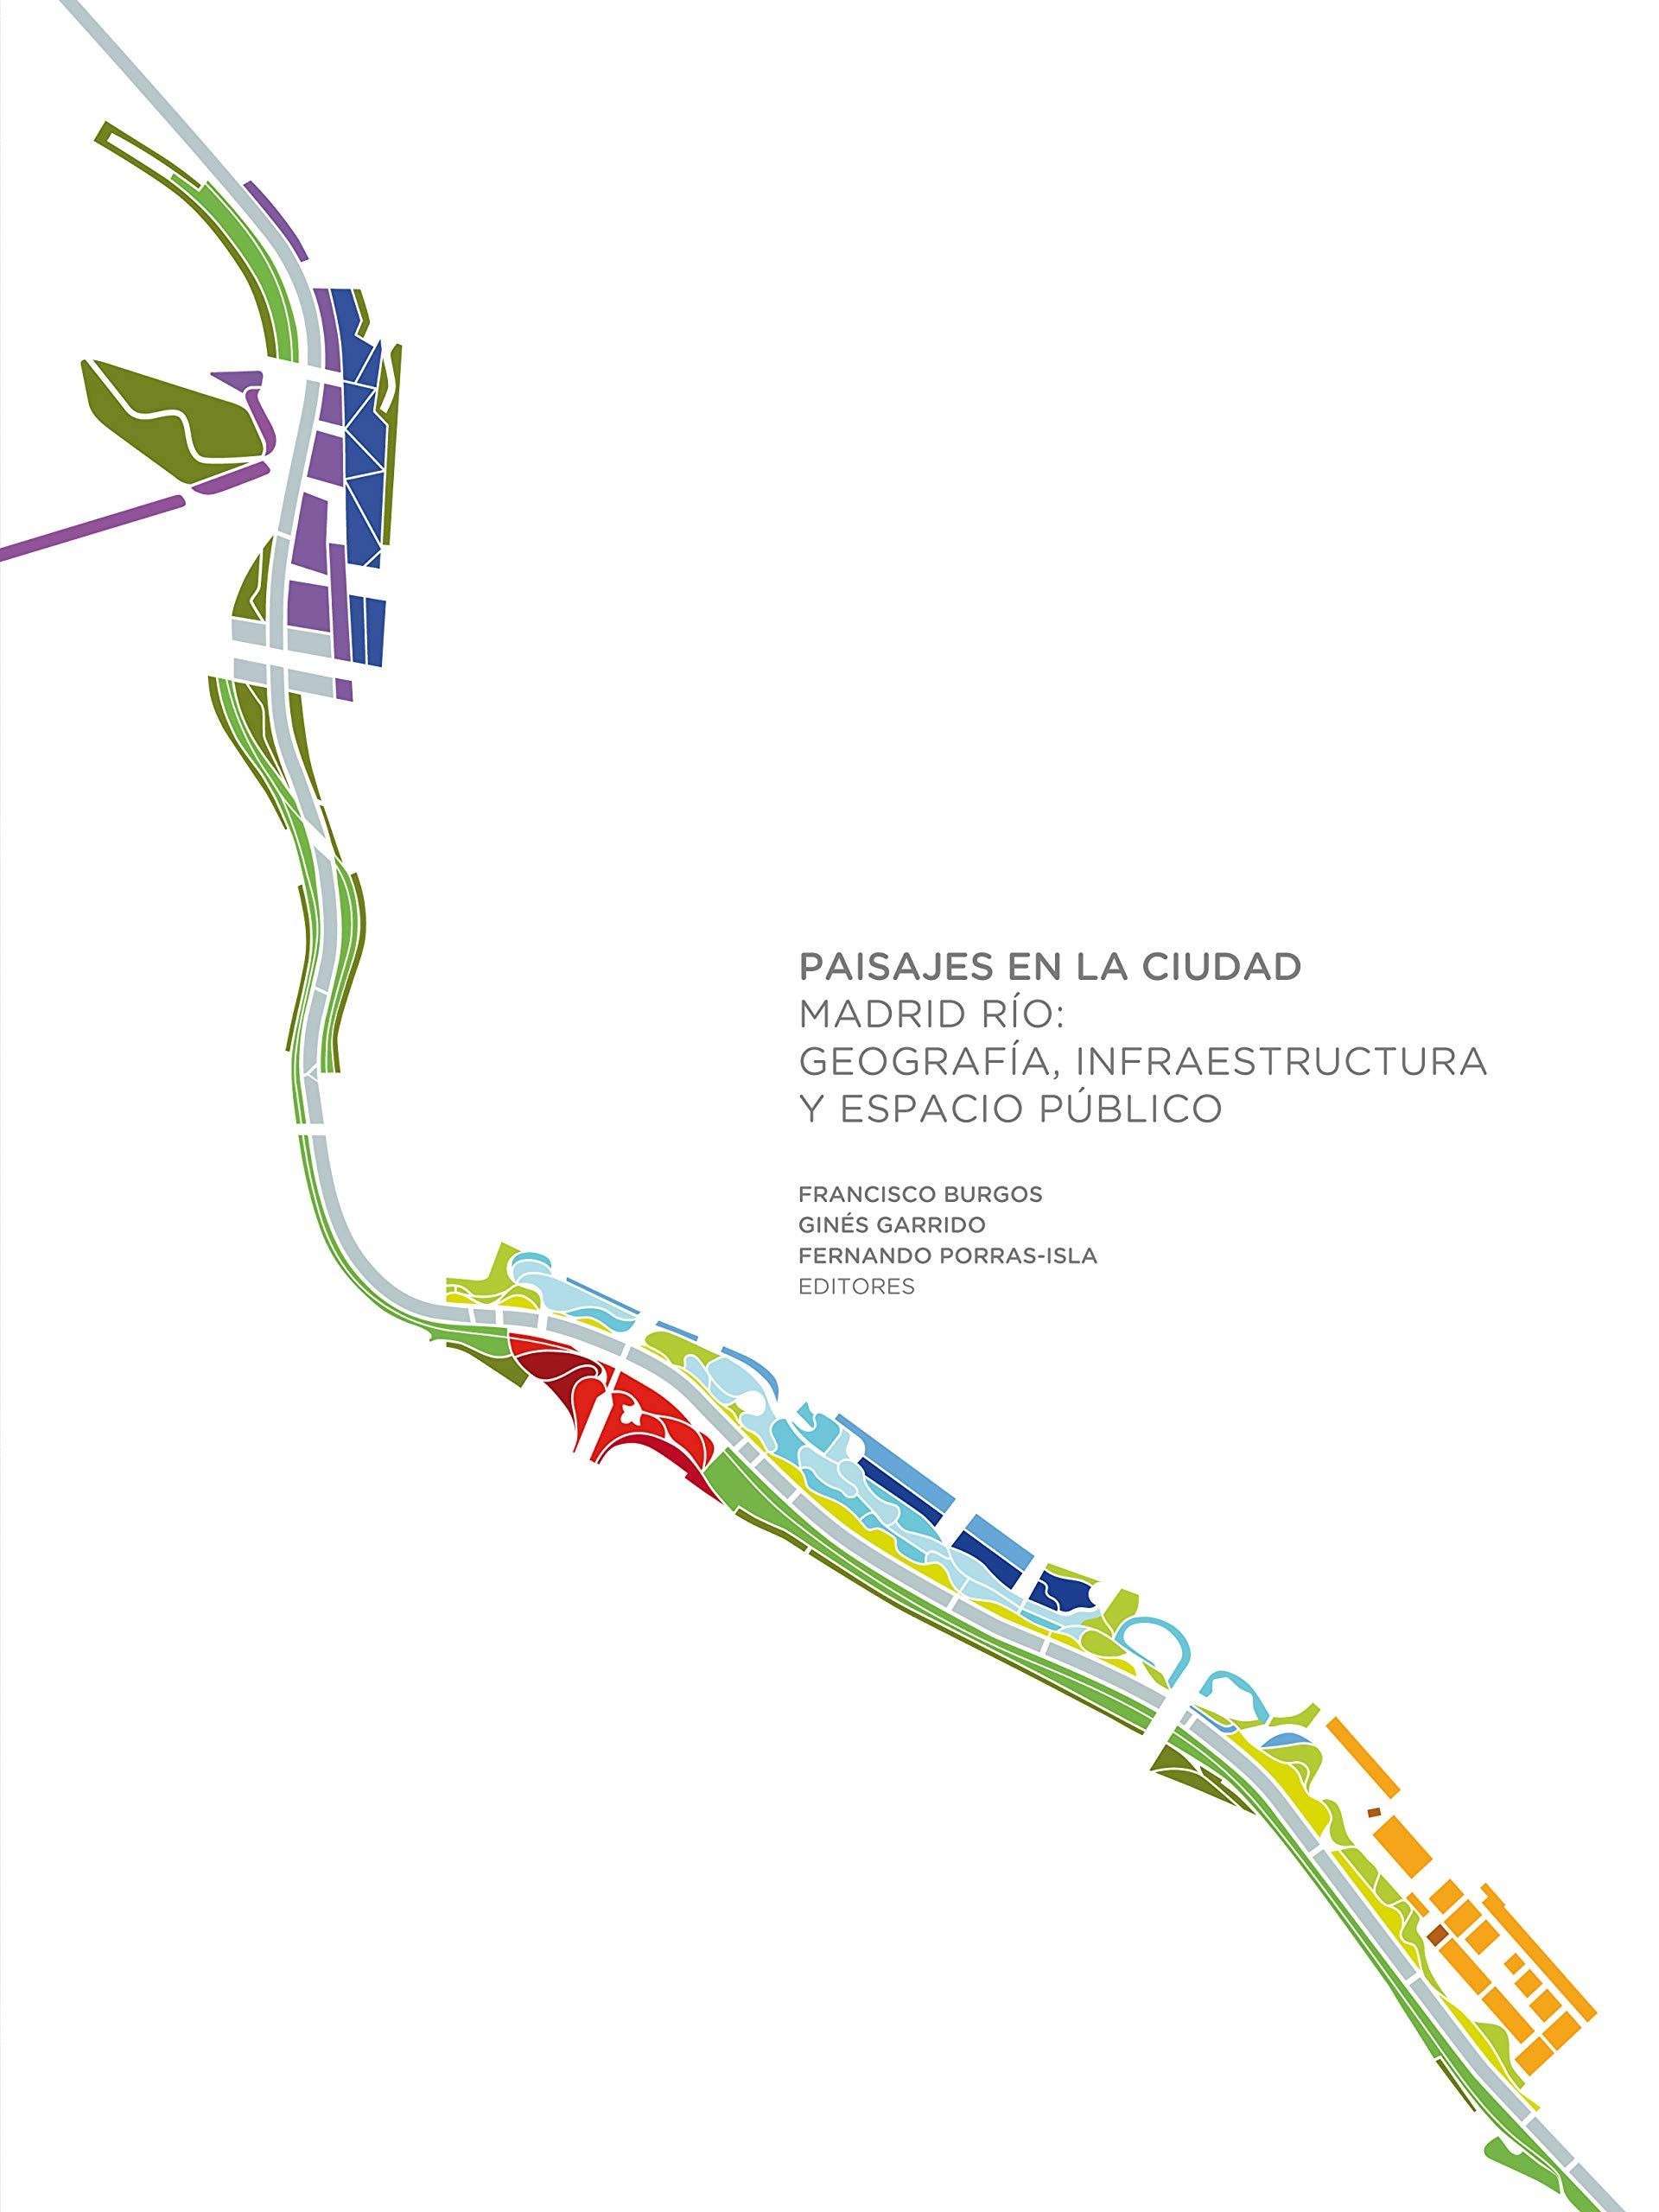 Paisajes en la ciudad: Madrid Río: geografía, infraestructura y espacio público: Amazon.es: Burgos, Francisco, Garrido, Ginés, Porras-Ysla, Fernando: Libros